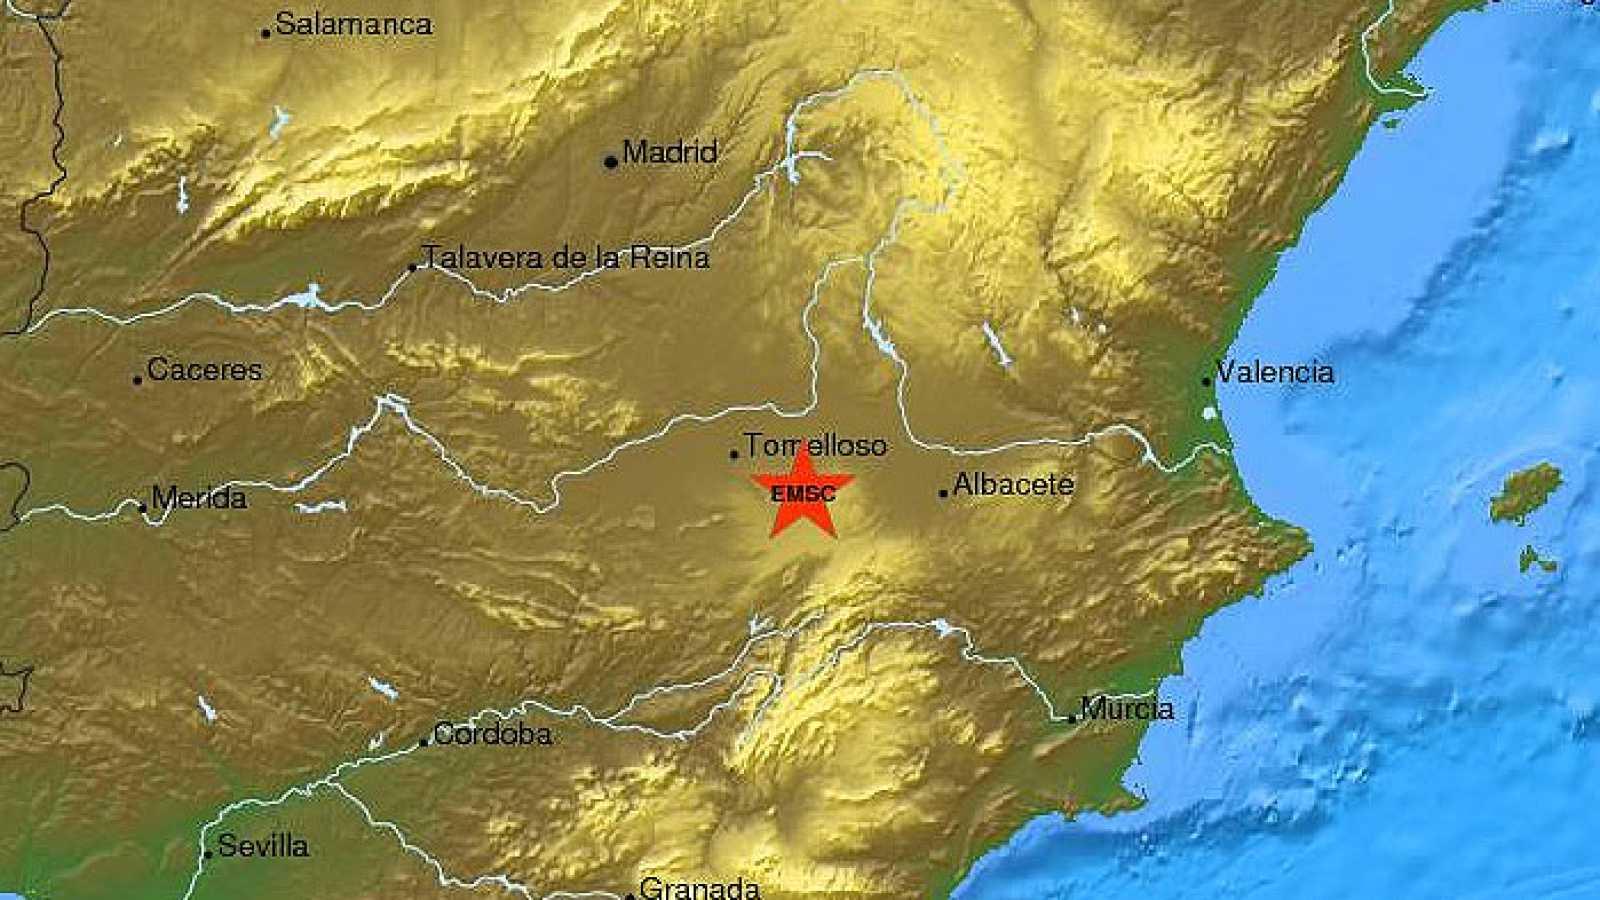 Un terremoto con epicentro en Albacete se siente en gran parte de España